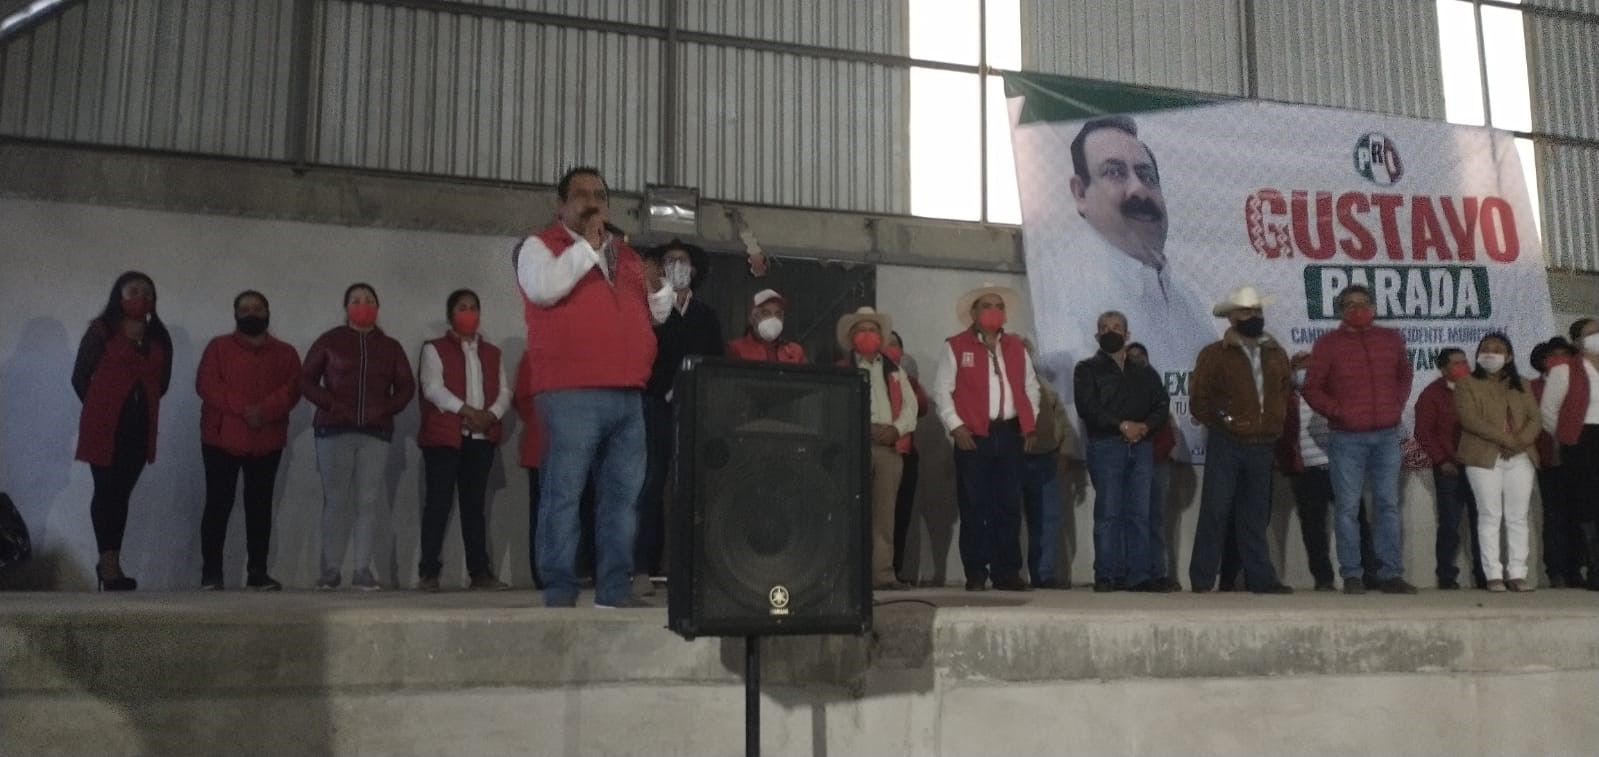 Gustavo Parada Matamoros inicia campaña con el pie derecho en Atltzayanca